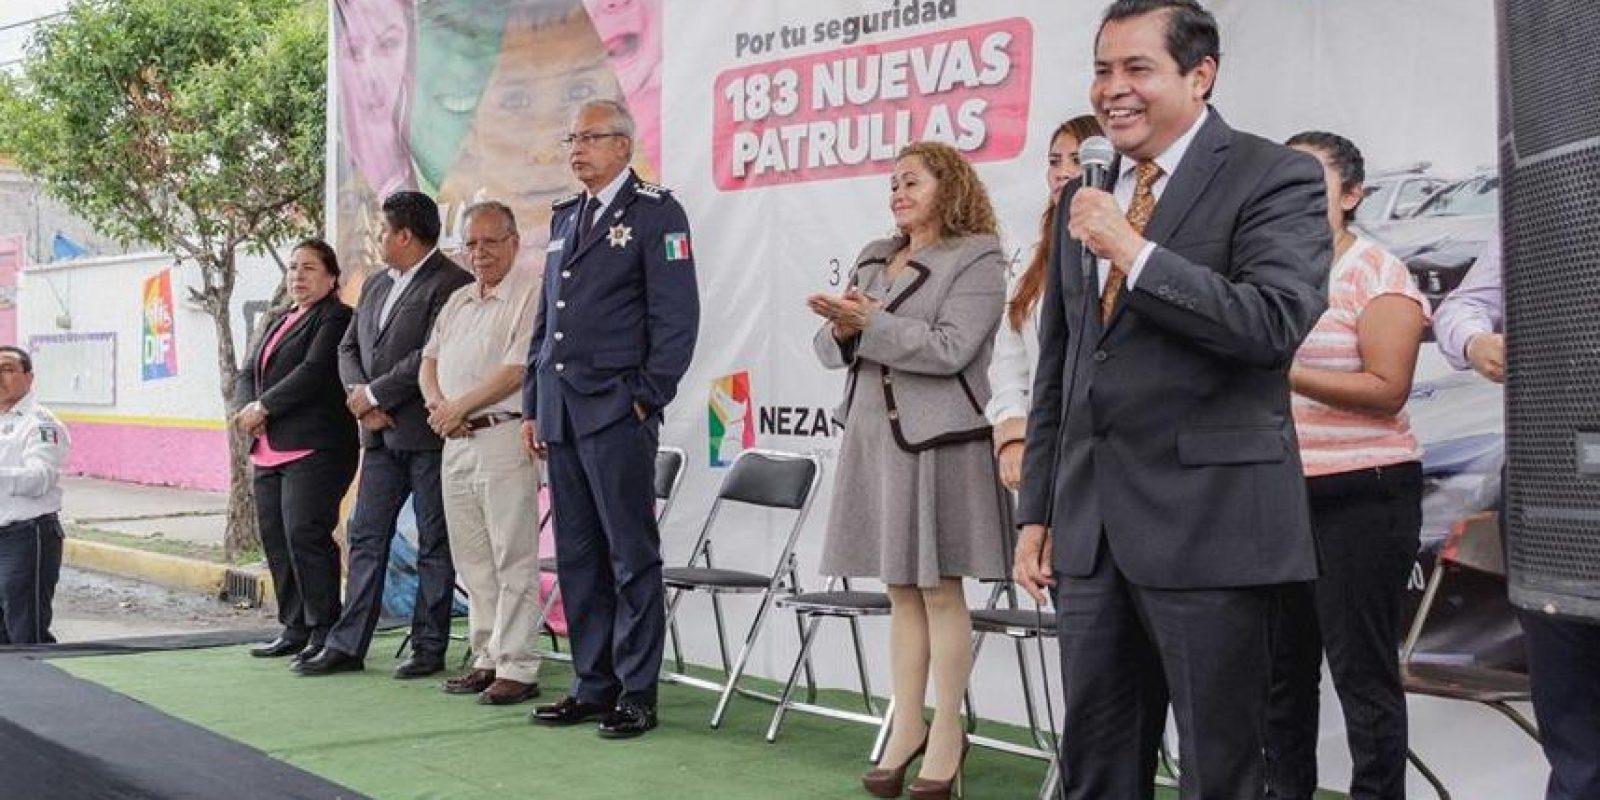 El presidente municipal, Juan Hugo de la Rosa, dio el banderazo de salida Foto:Facebook/Ayuntamiento.Neza